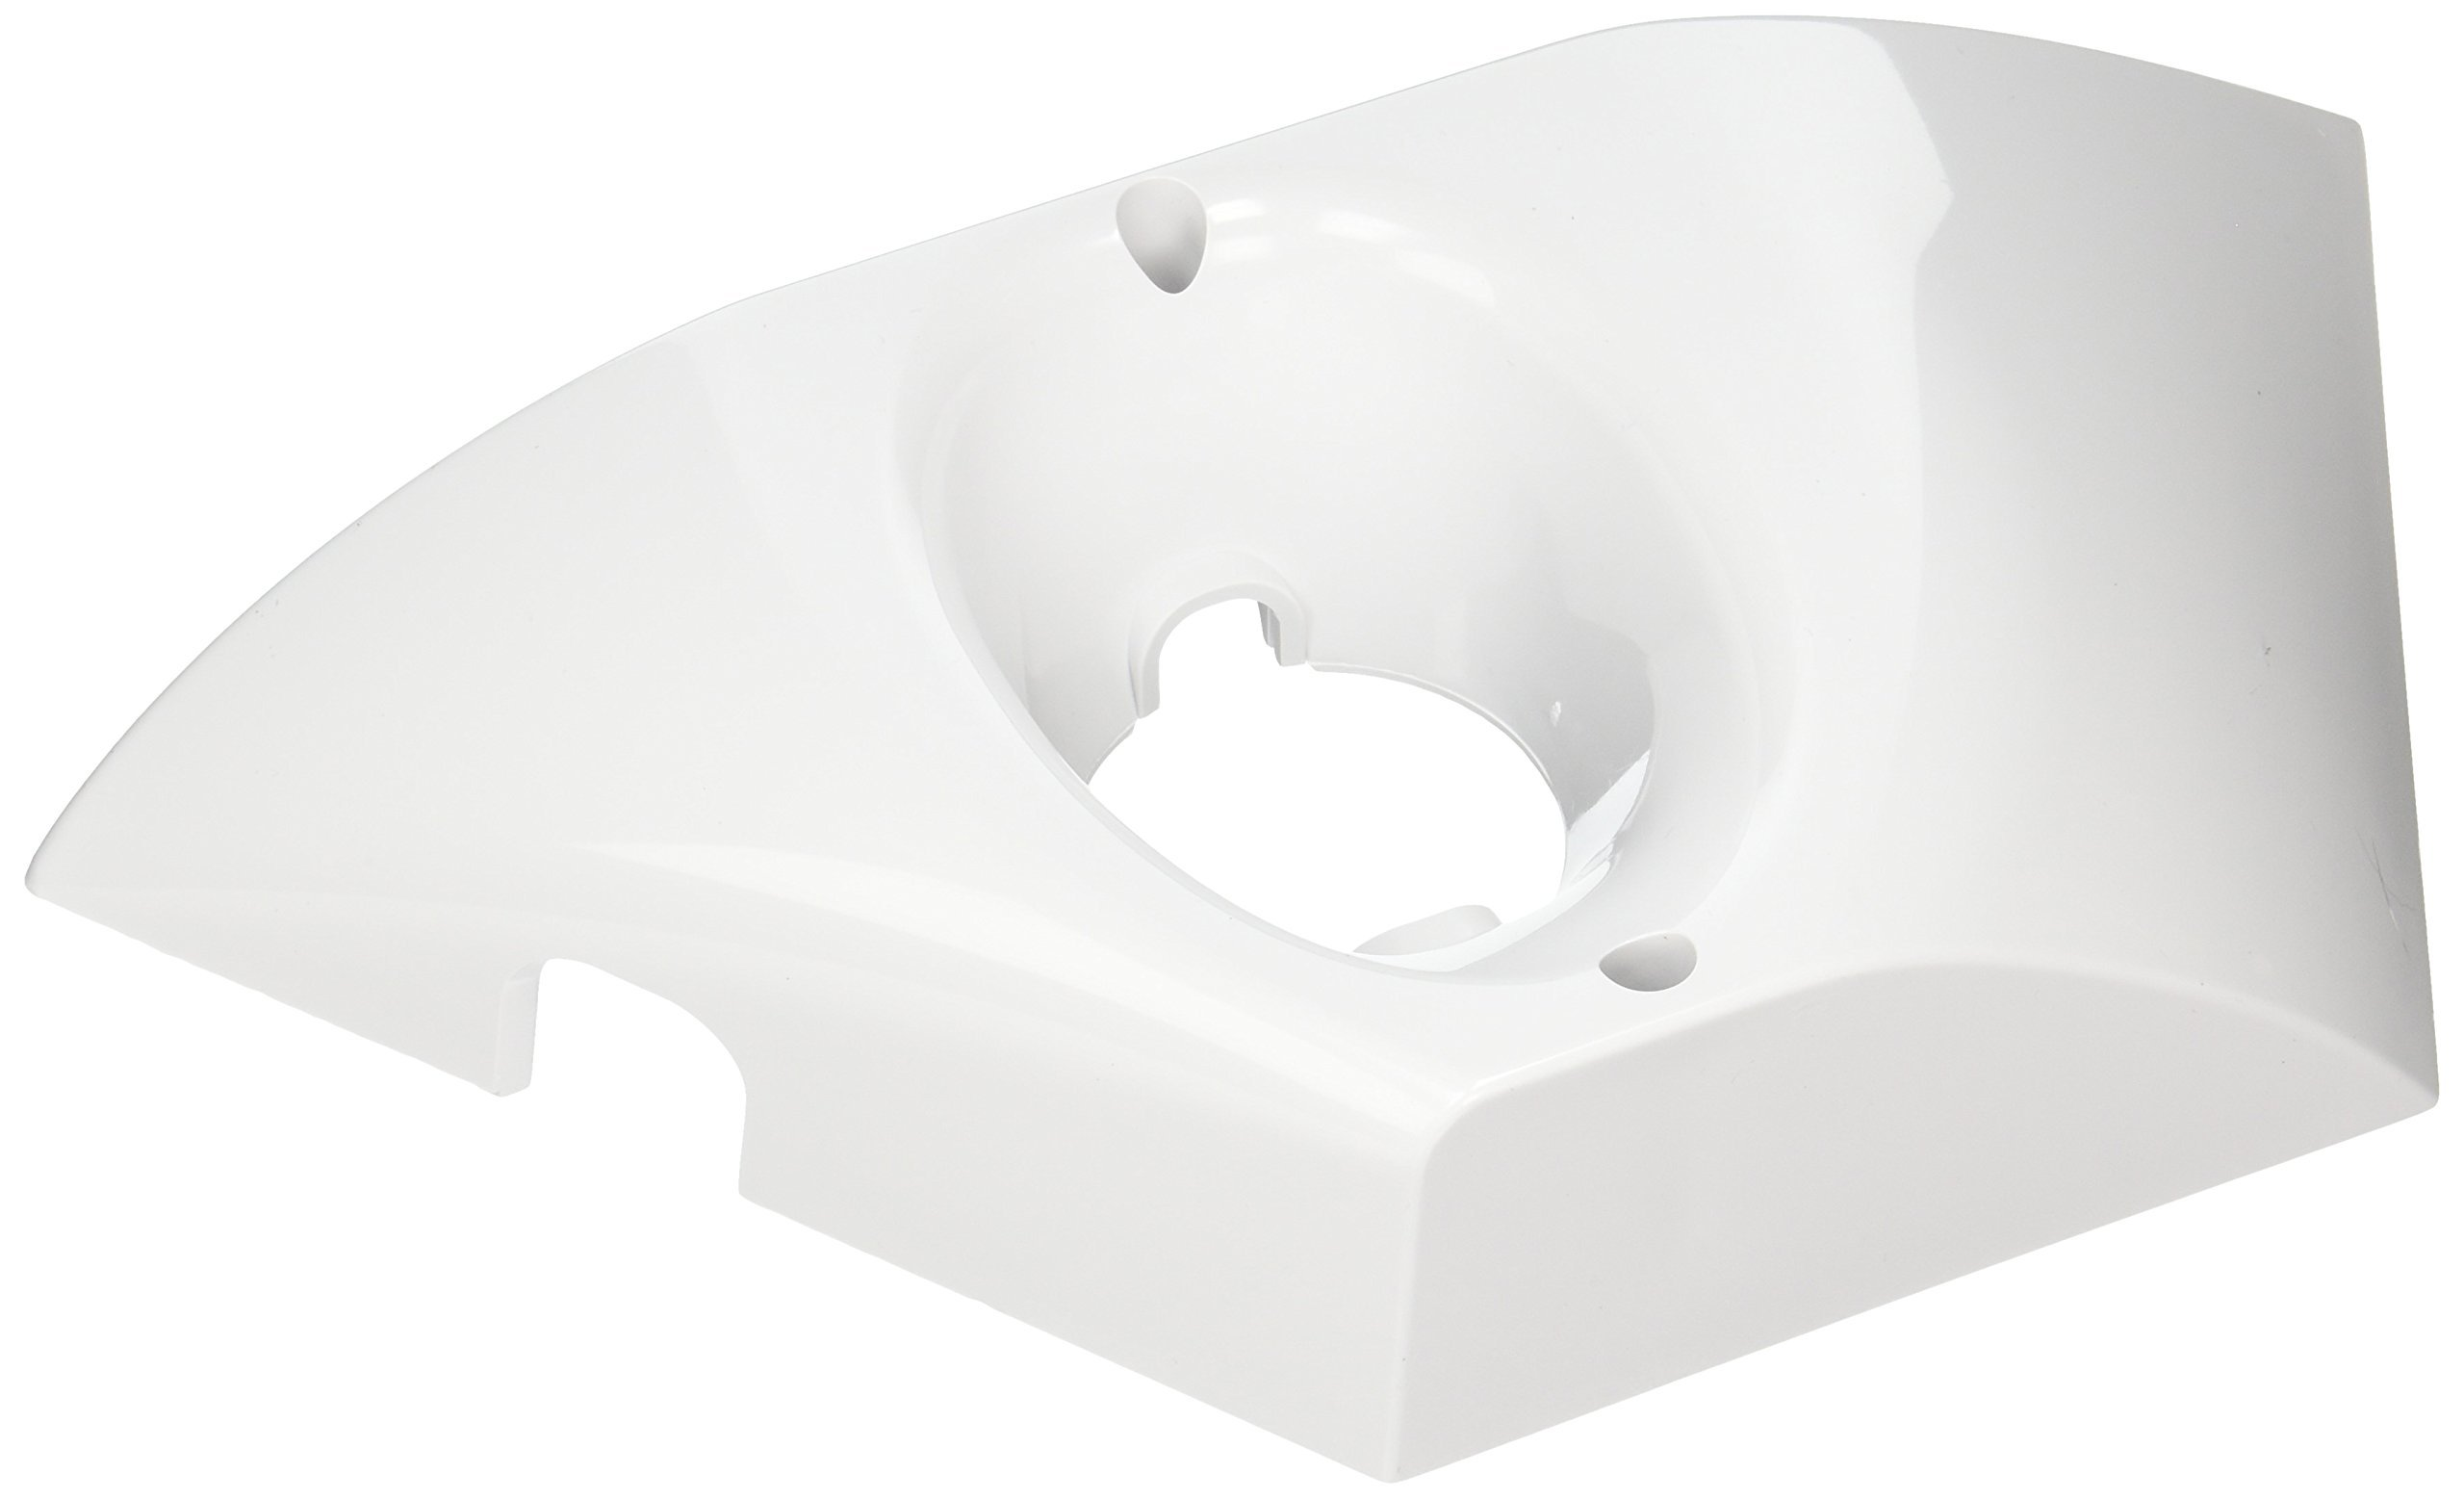 Zodiac K10 White Bottom with Bracket Replacement by Zodiac